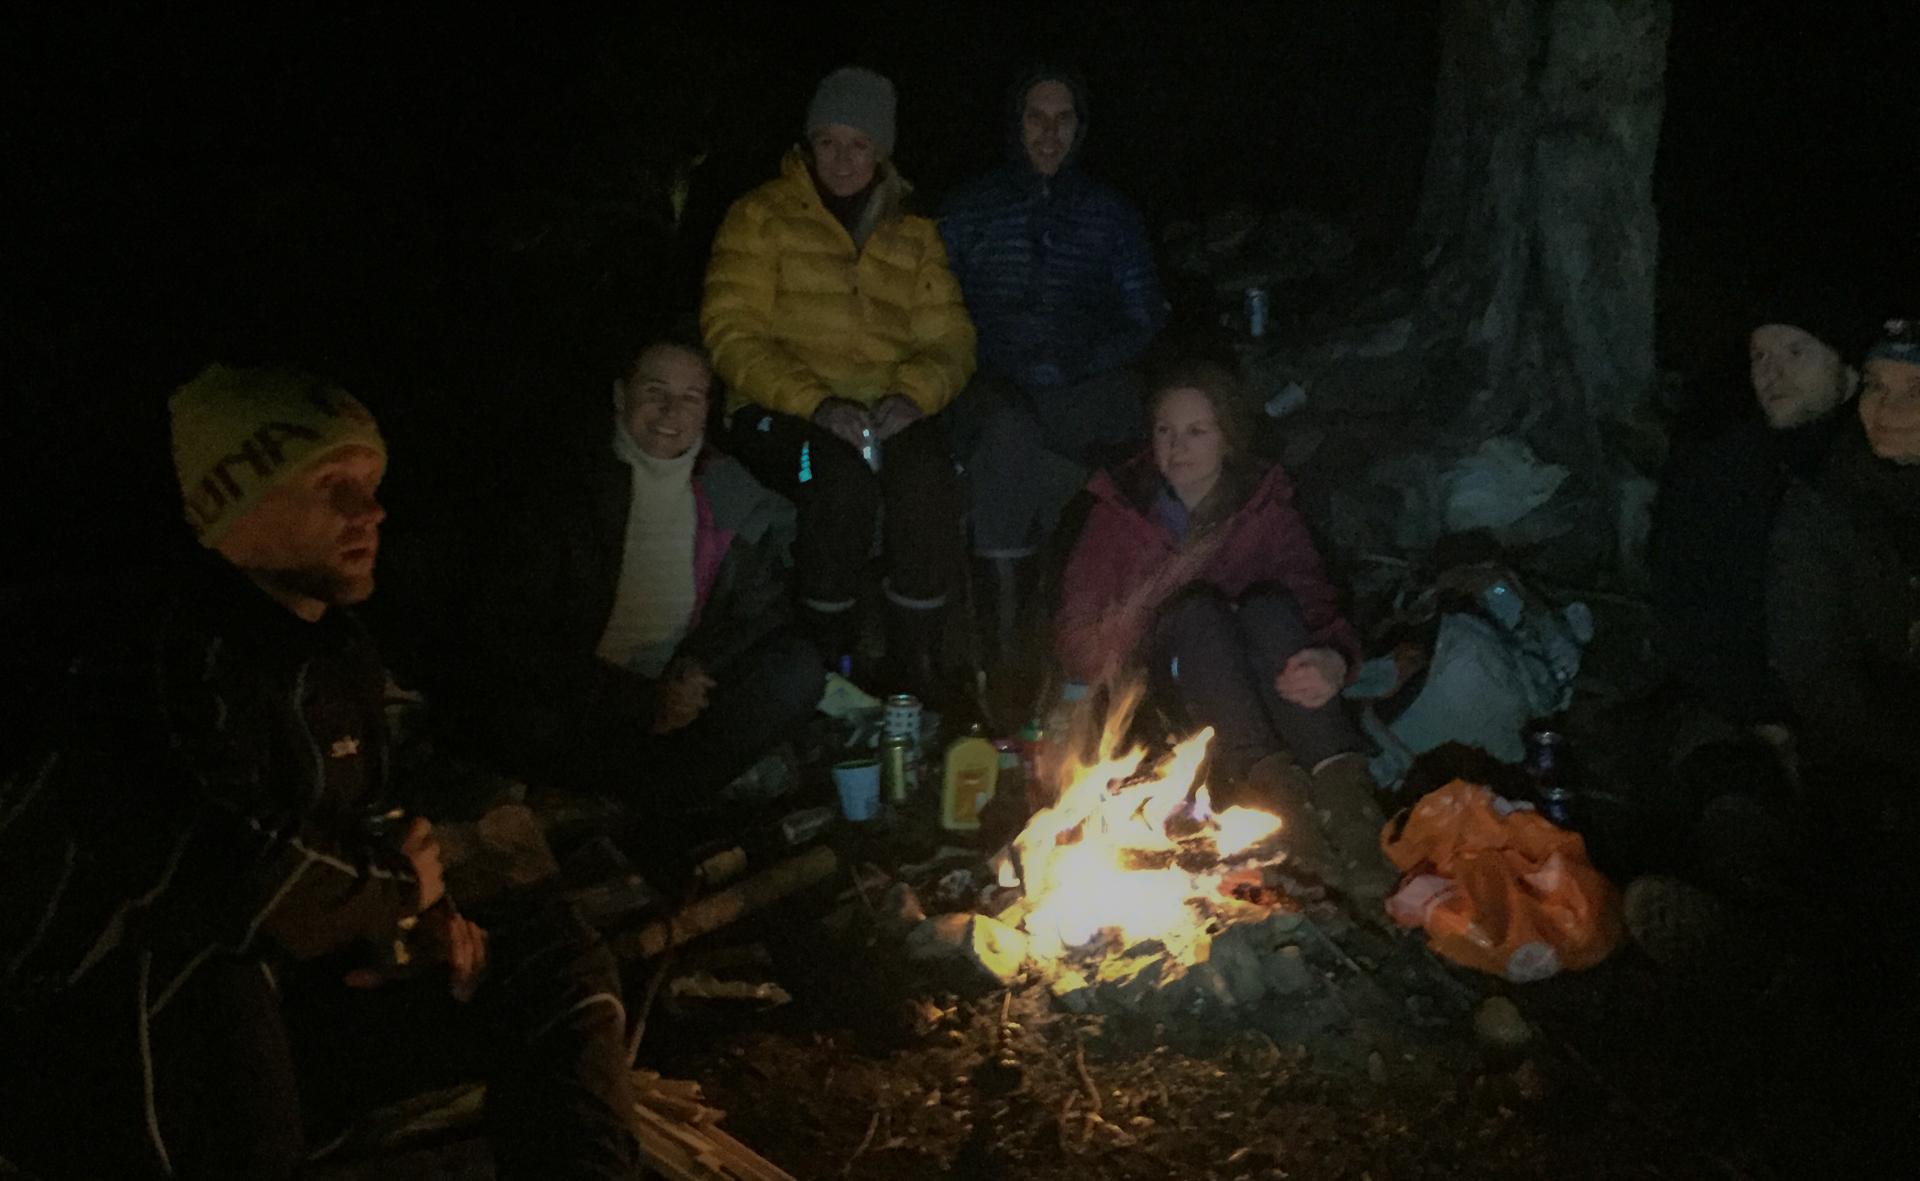 Bålhistorie ved Petter. Emma, Lise, Erik, Kristina, Jon Sigurd og Nina hører på.